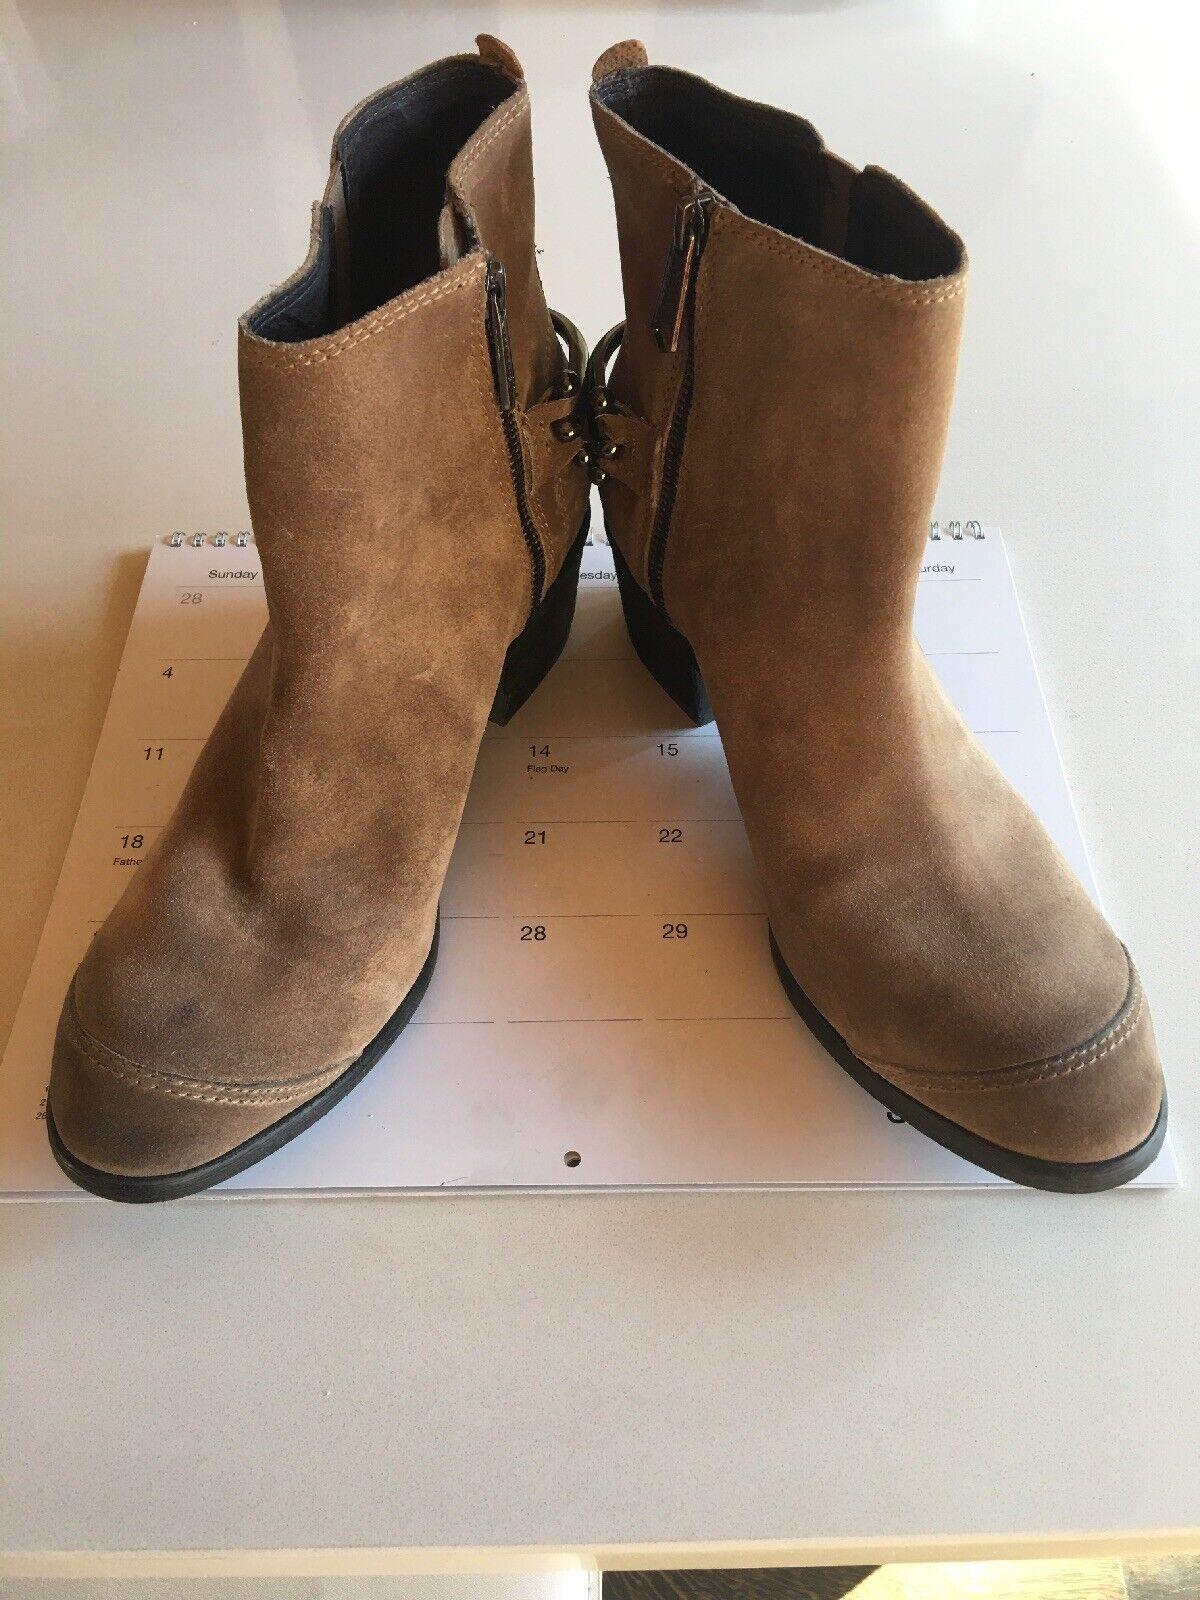 il prezzo più basso Donald Pliner Digg Digg Digg Taupe Suede stivali 9.5  benvenuto a scegliere